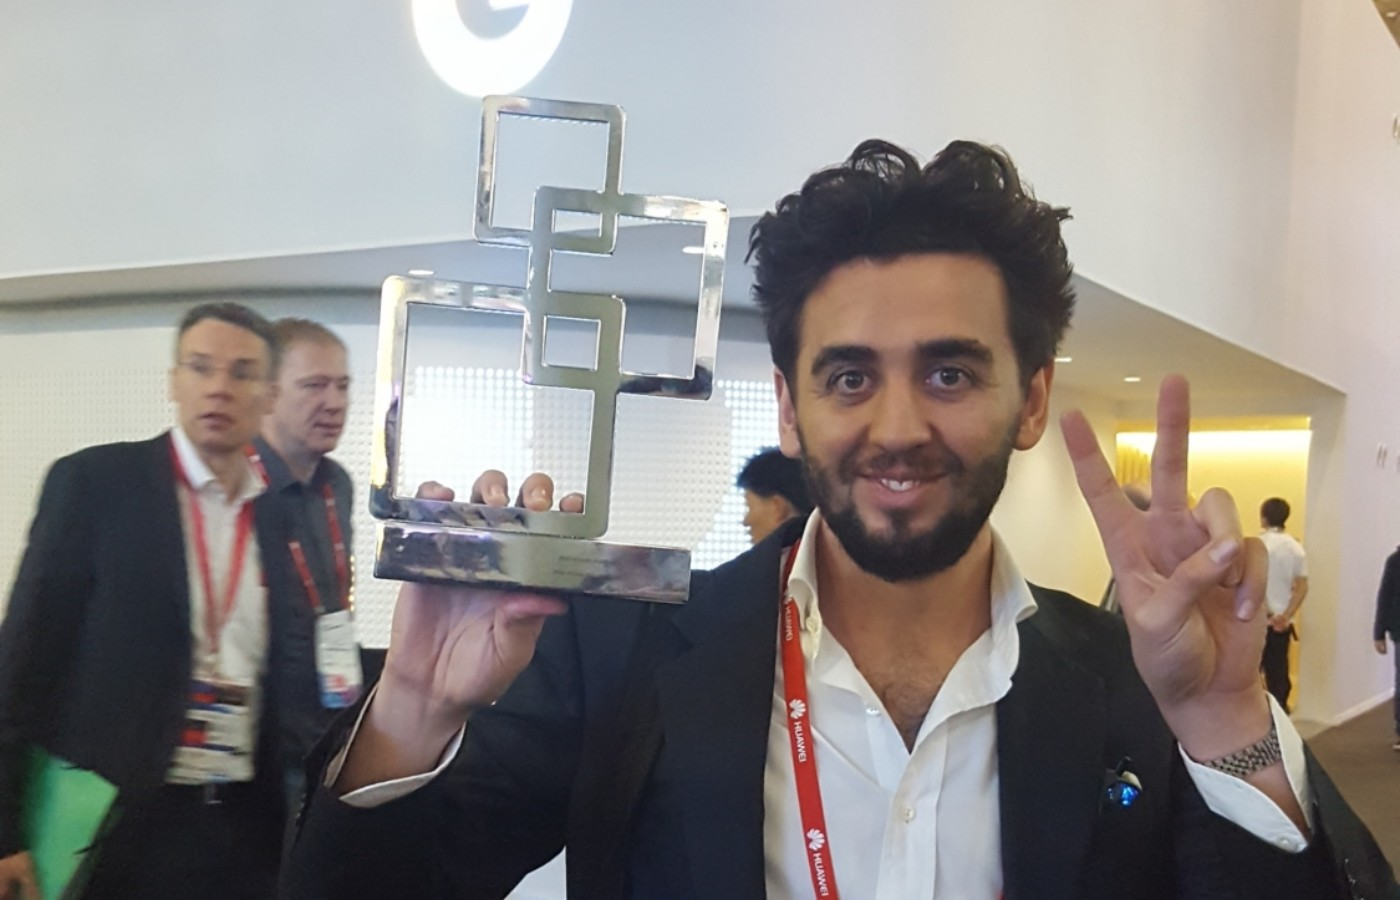 MWC Sam Award